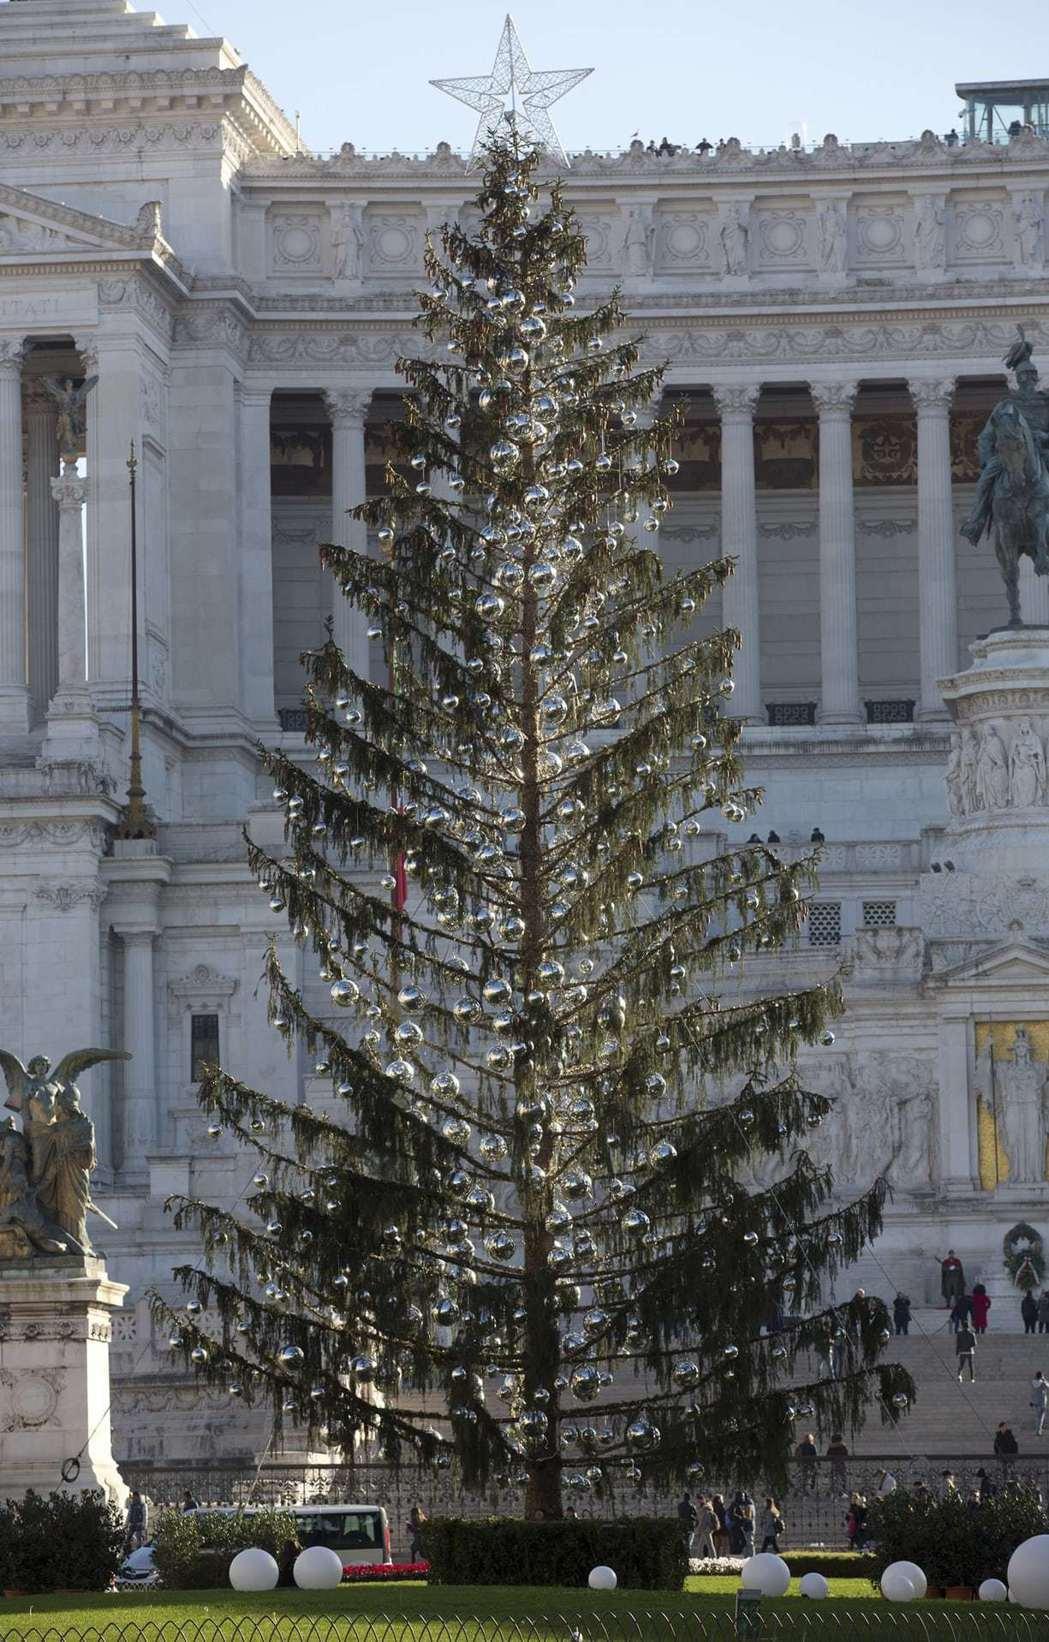 大量落葉且垂死的耶誕樹讓羅馬居民覺得丟臉。美聯社